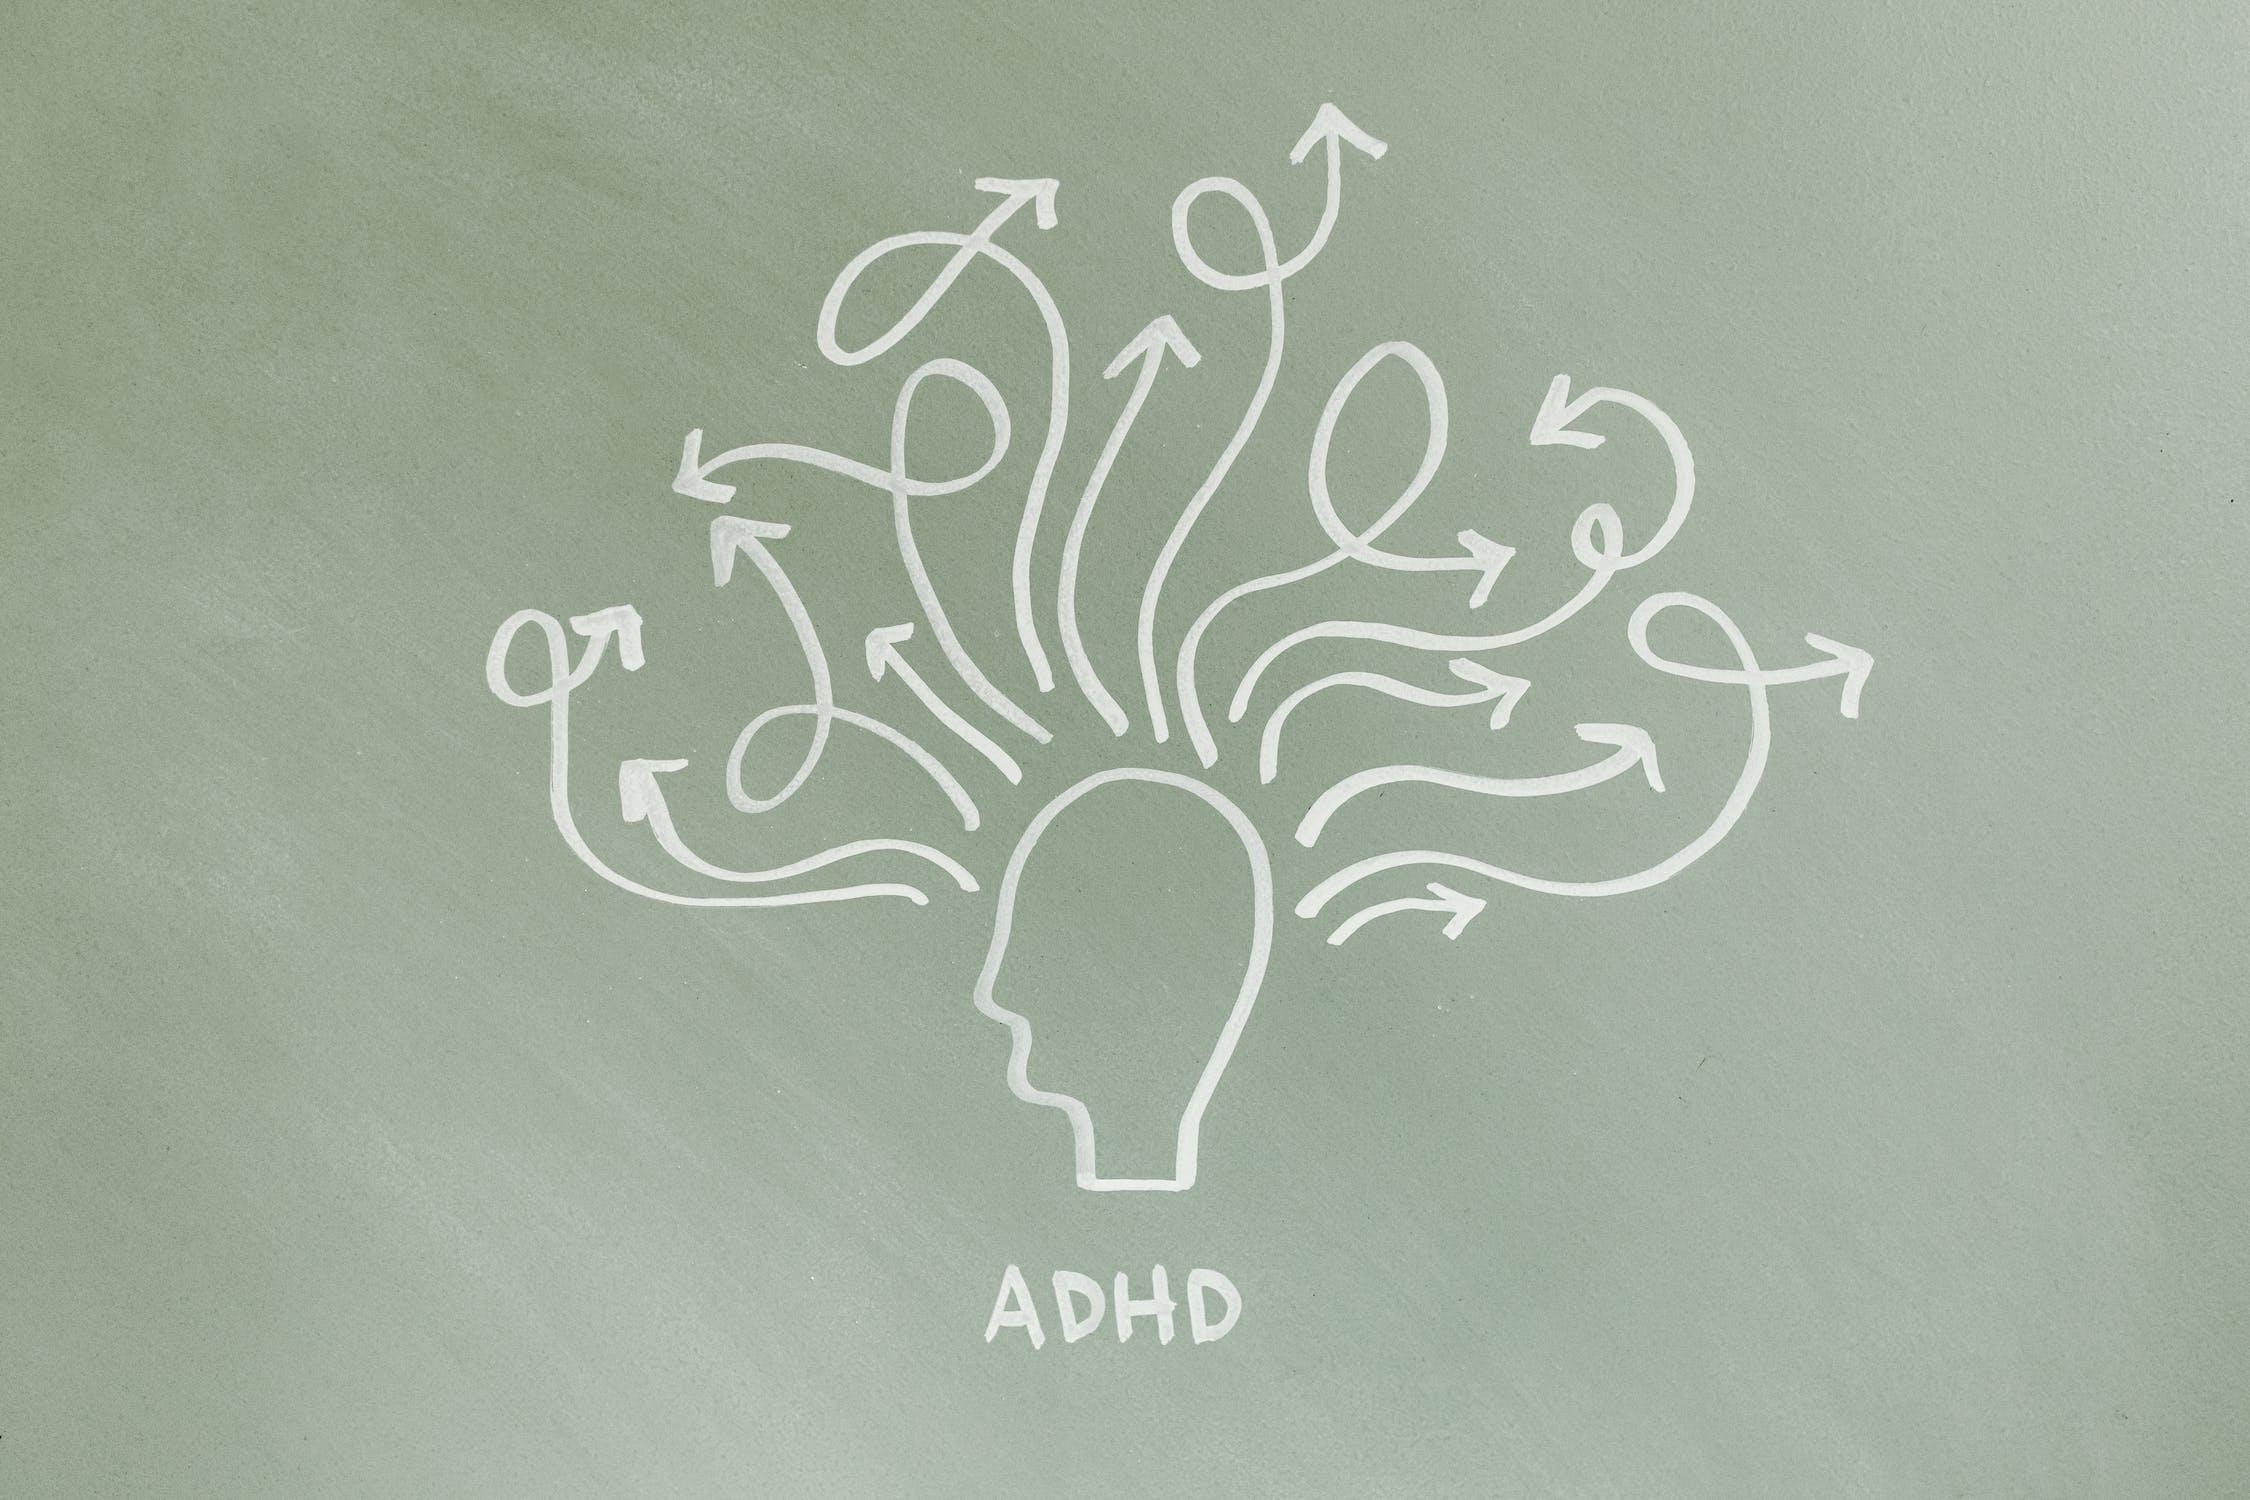 De verschillende oorzaken van ADHD